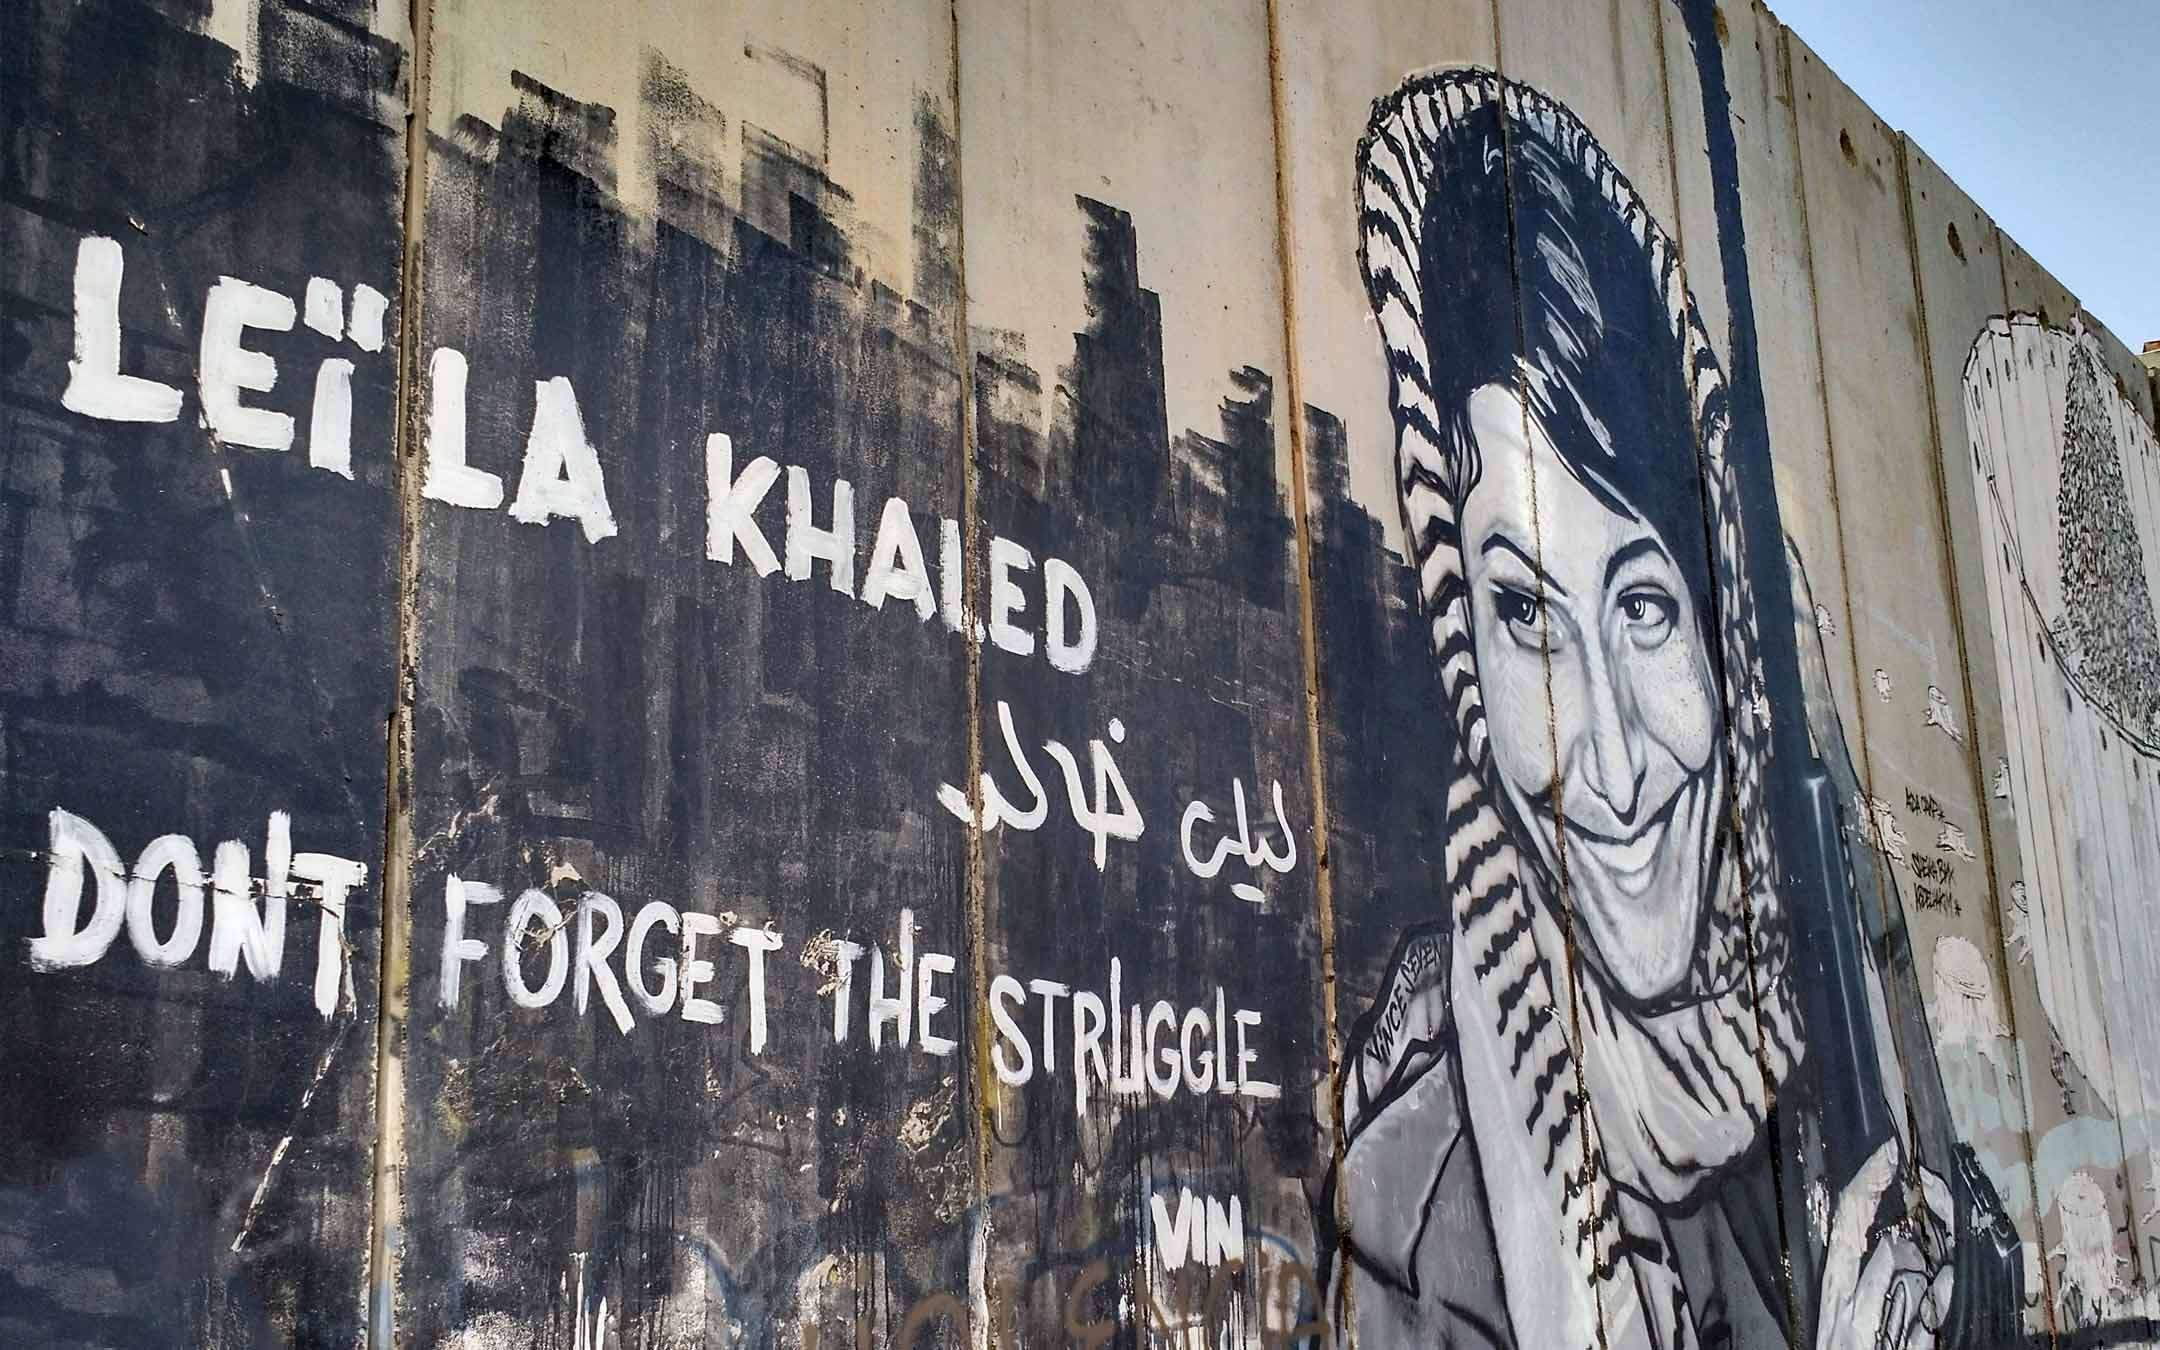 Leila Khaled